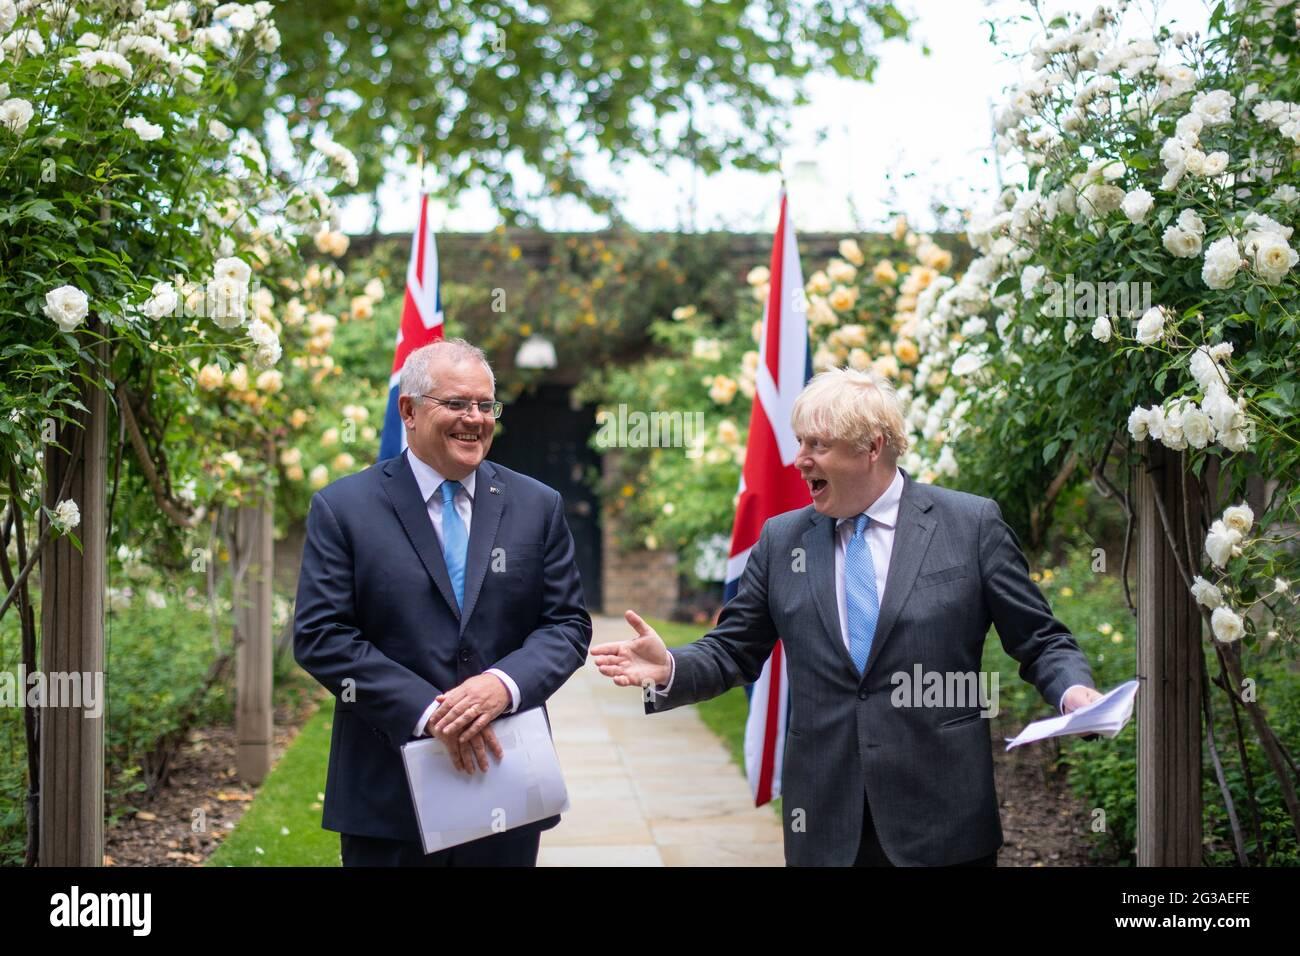 El primer ministro Boris Johnson con el primer ministro australiano Scott Morrison en el jardín de 10 Downing Street, Londres, después de acordar los términos generales de un acuerdo de libre comercio entre el Reino Unido y Australia, el primer acuerdo comercial del Reino Unido negociado plenamente desde que salió de la Unión Europea. Fecha de la foto: Martes 15 de junio de 2021. Foto de stock